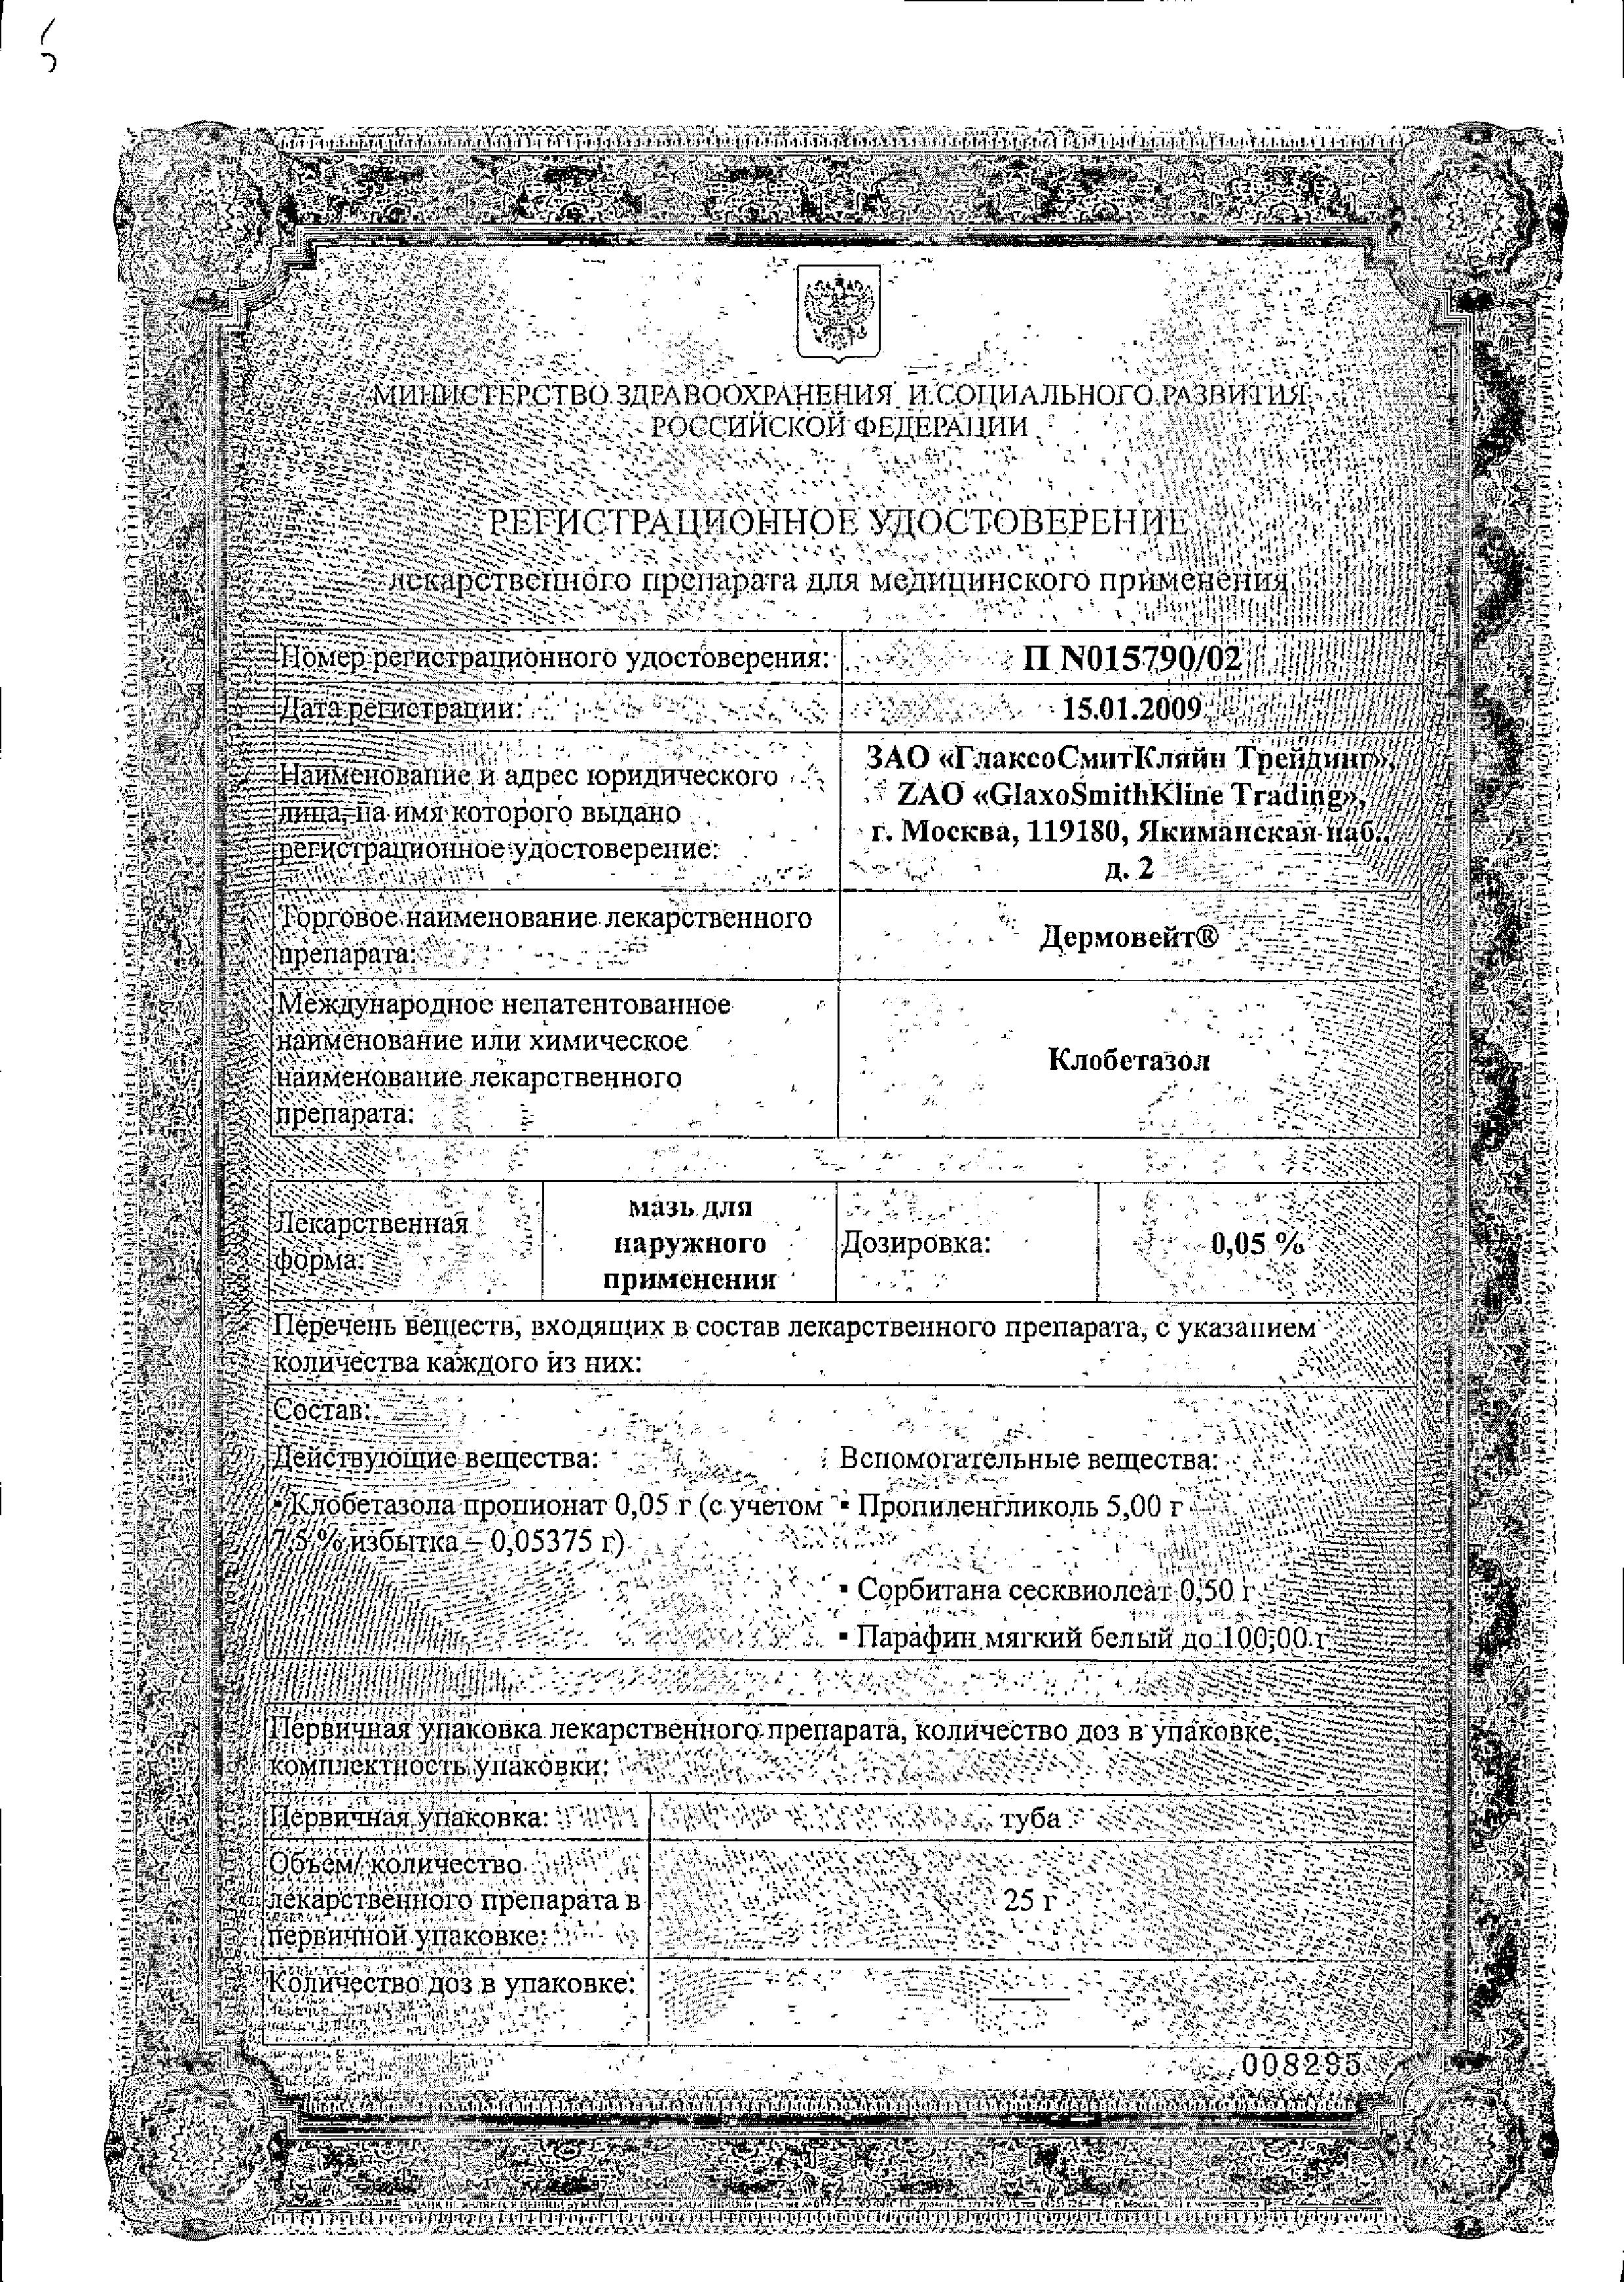 Дермовейт сертификат